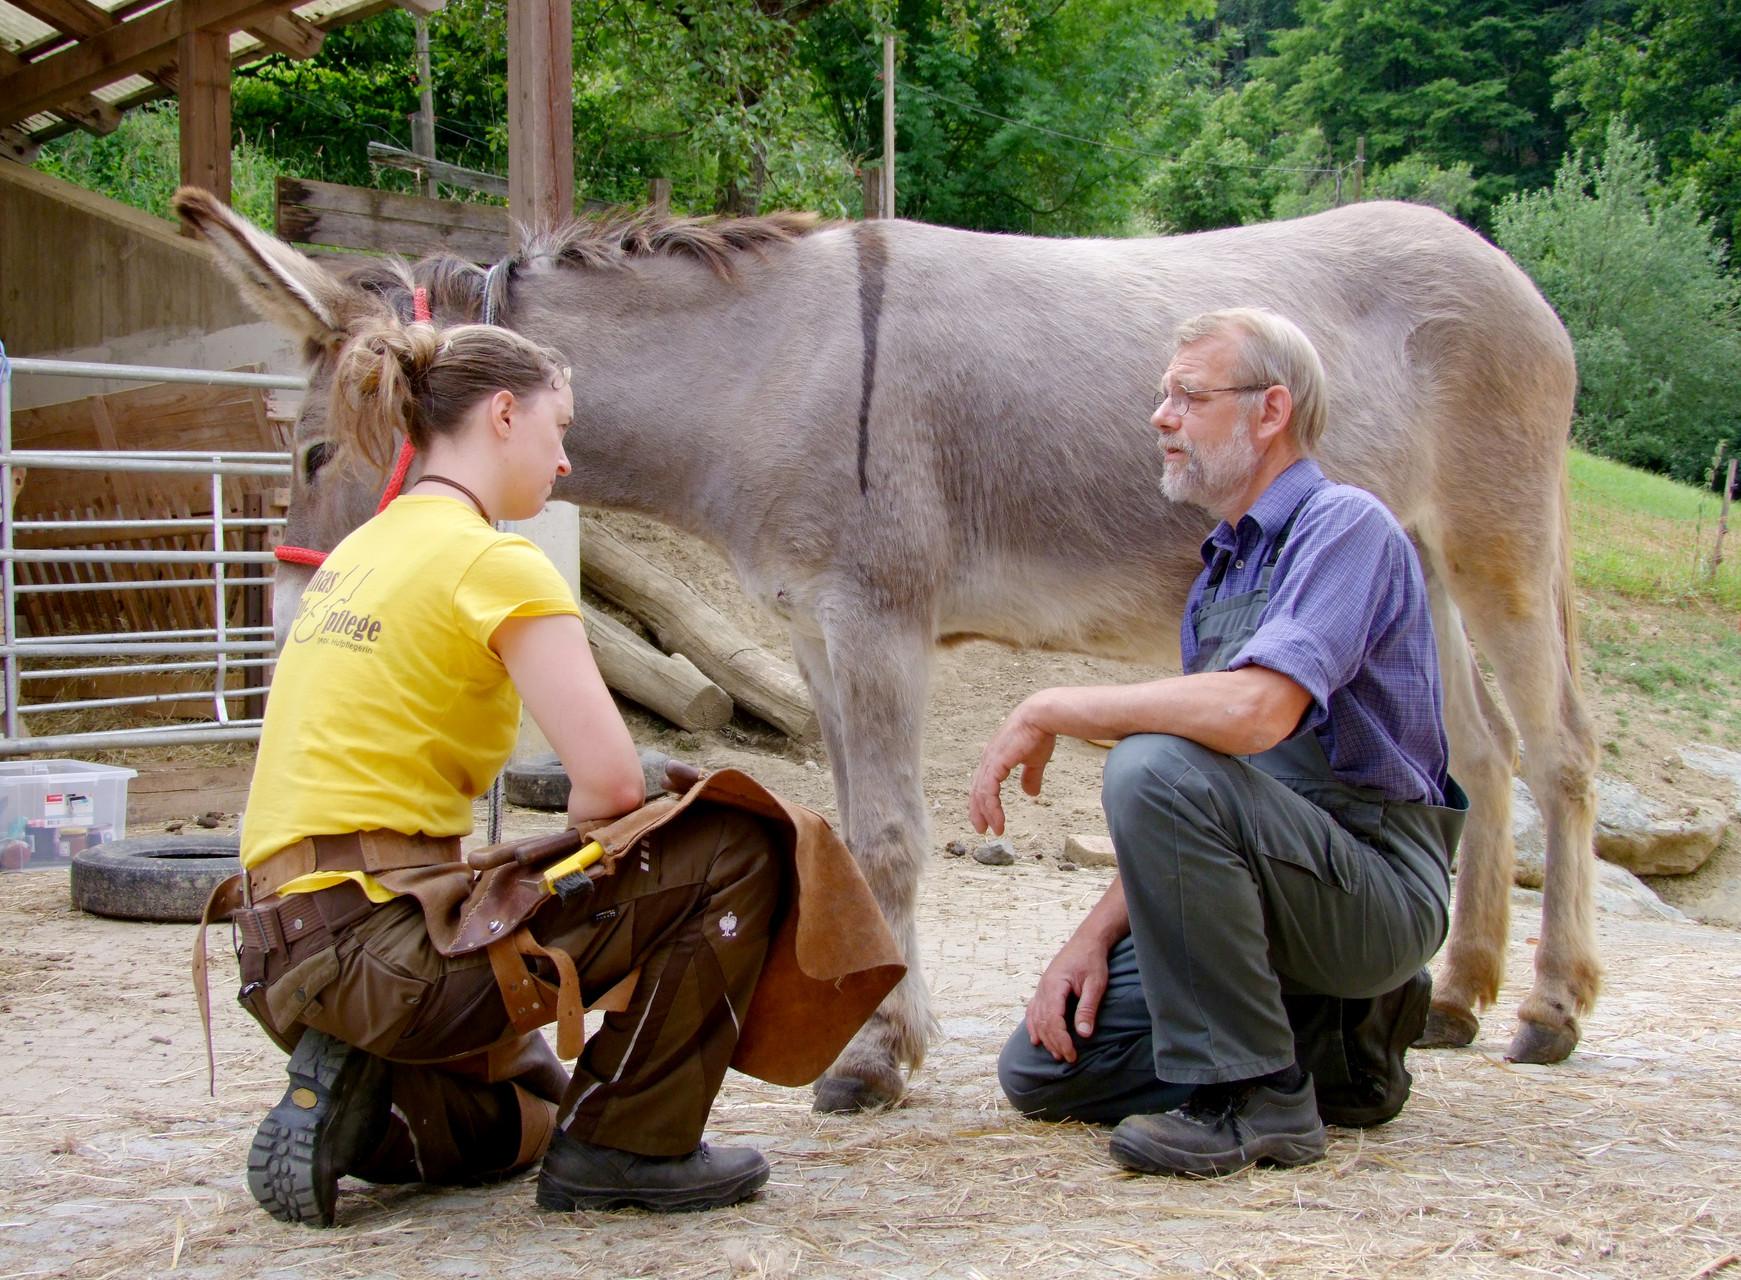 Kärnten: Die reinrassigen Provence-Esel hatten einen tadellosen Körperbau, nur die Hufe machten dem Besitzer etwas Sorge.